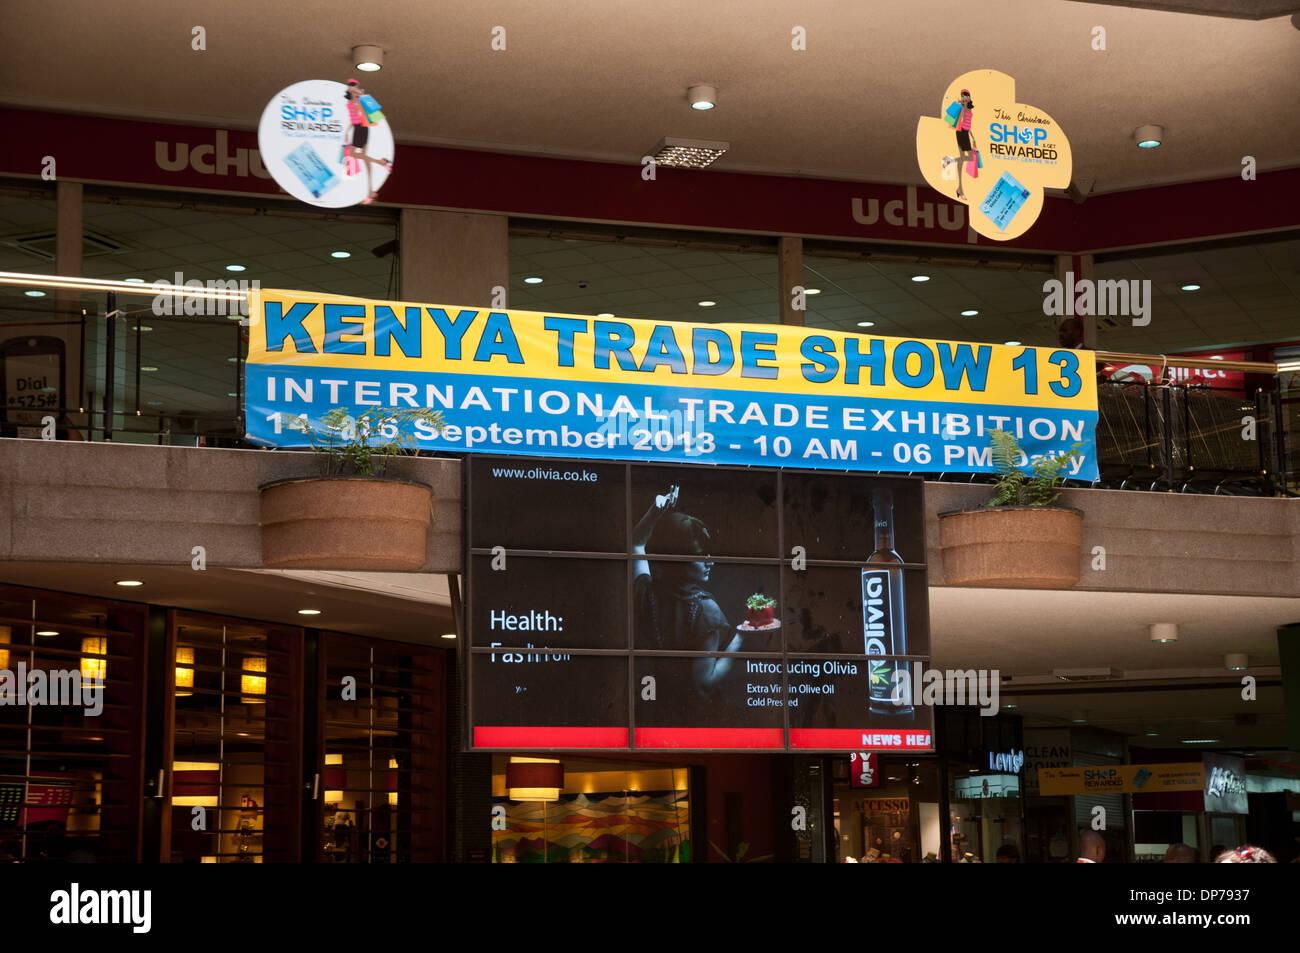 Kenya Trade Show banner on Uchumi Supermarket in the Sarit Centre Shopping Mall Westlands Nairobi Kenya - Stock Image